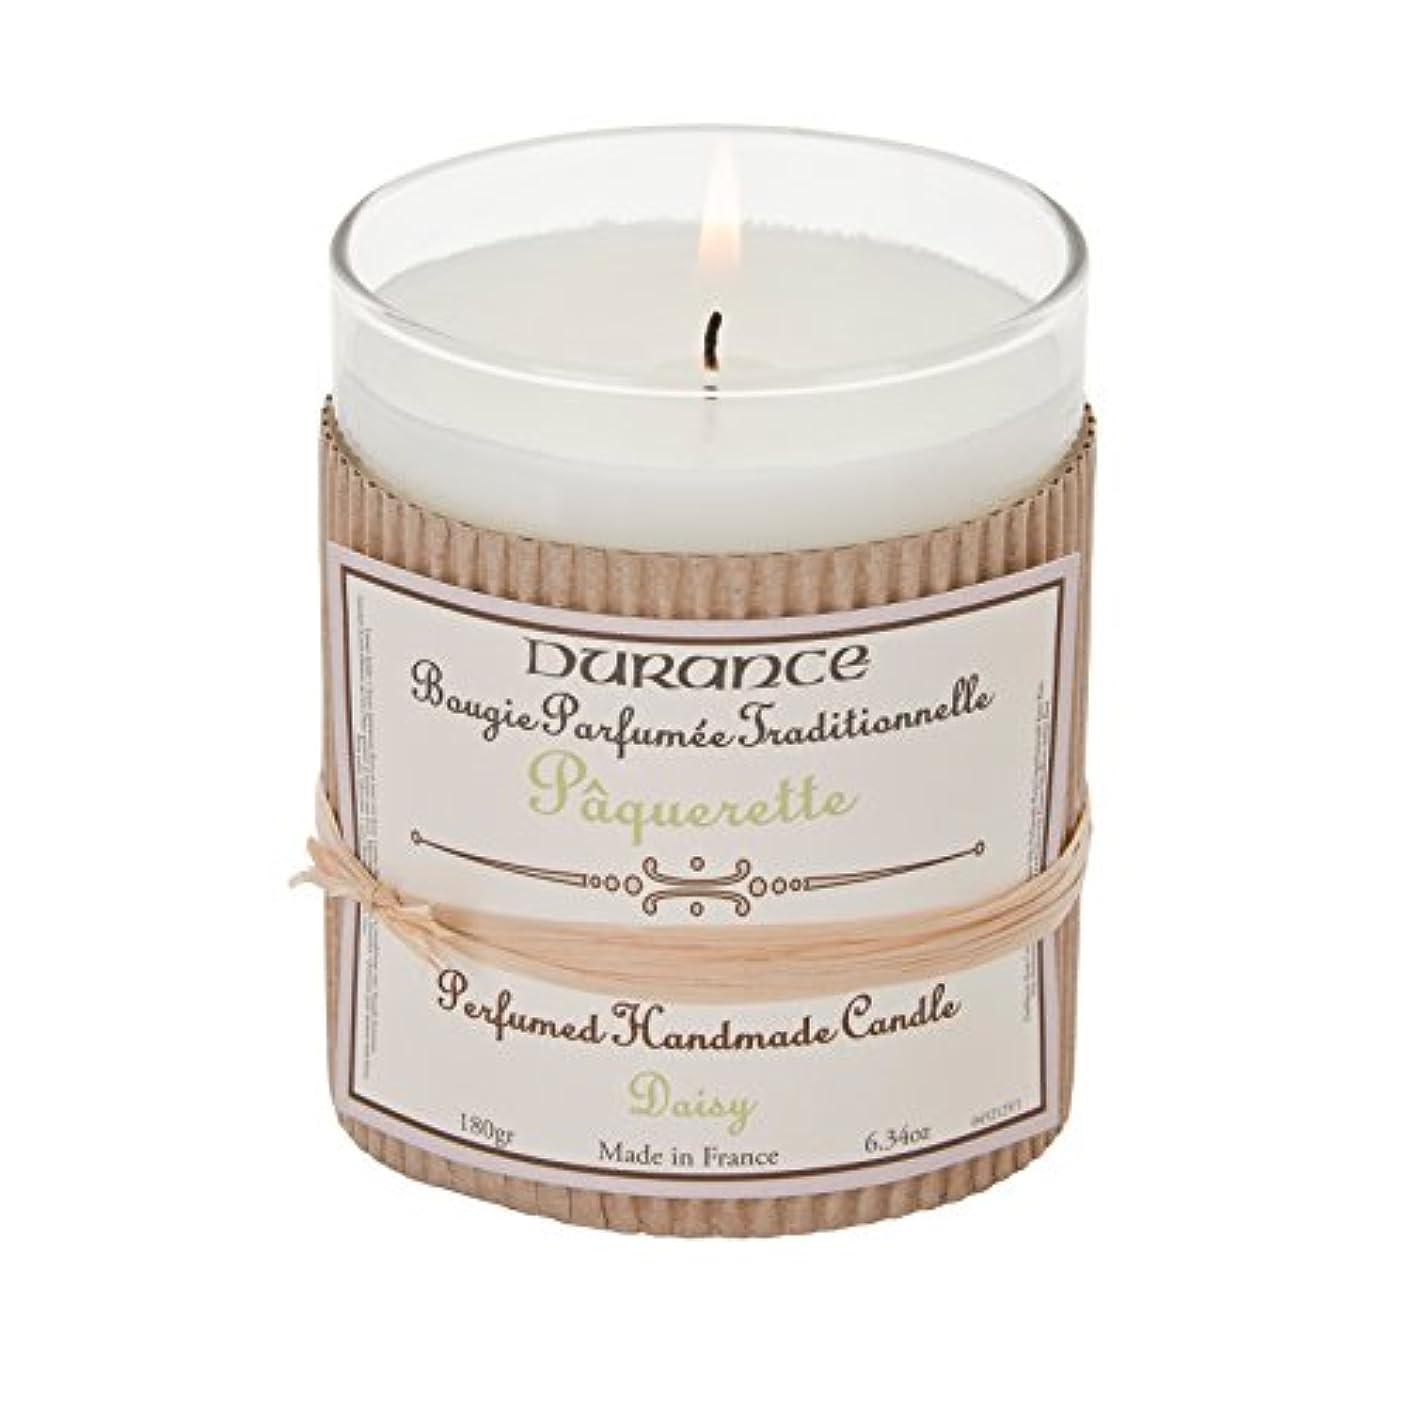 推定トン物理的なDurance De Provence Hand Crafted Scented Candle - Daisy